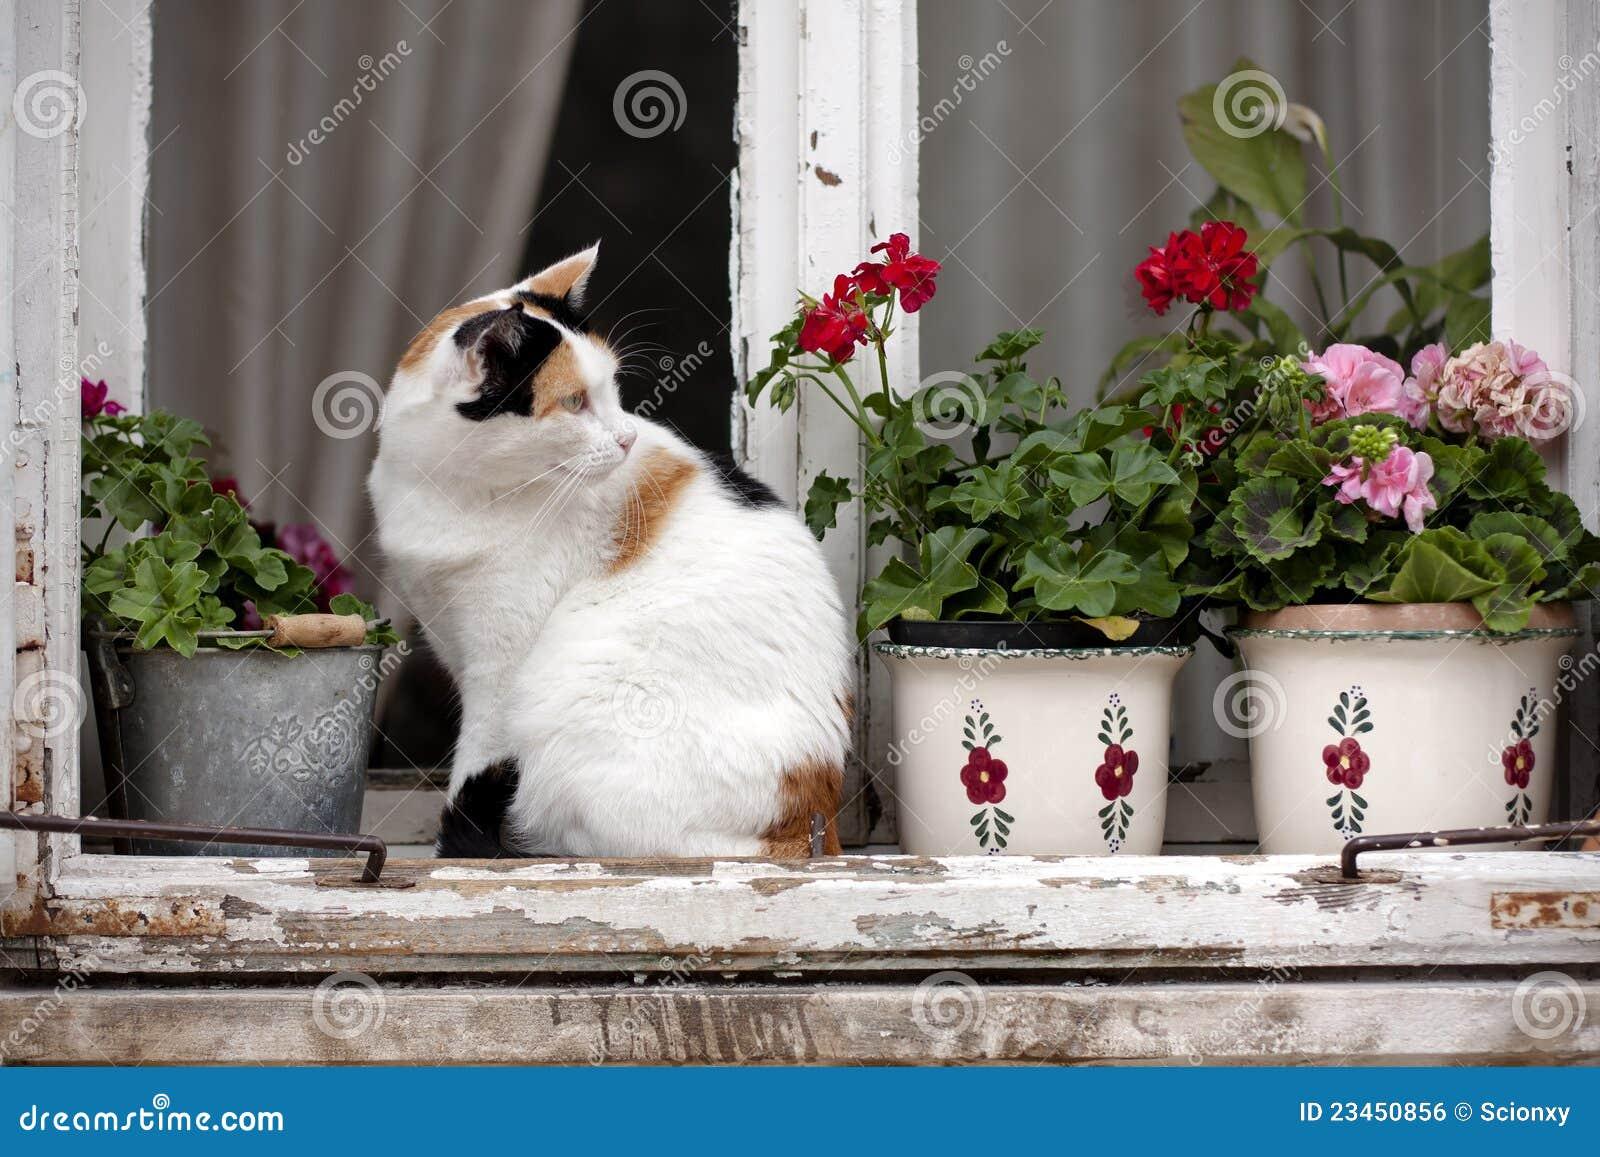 Gatto Macchiato Su Una Finestra Immagine Stock Libera Da